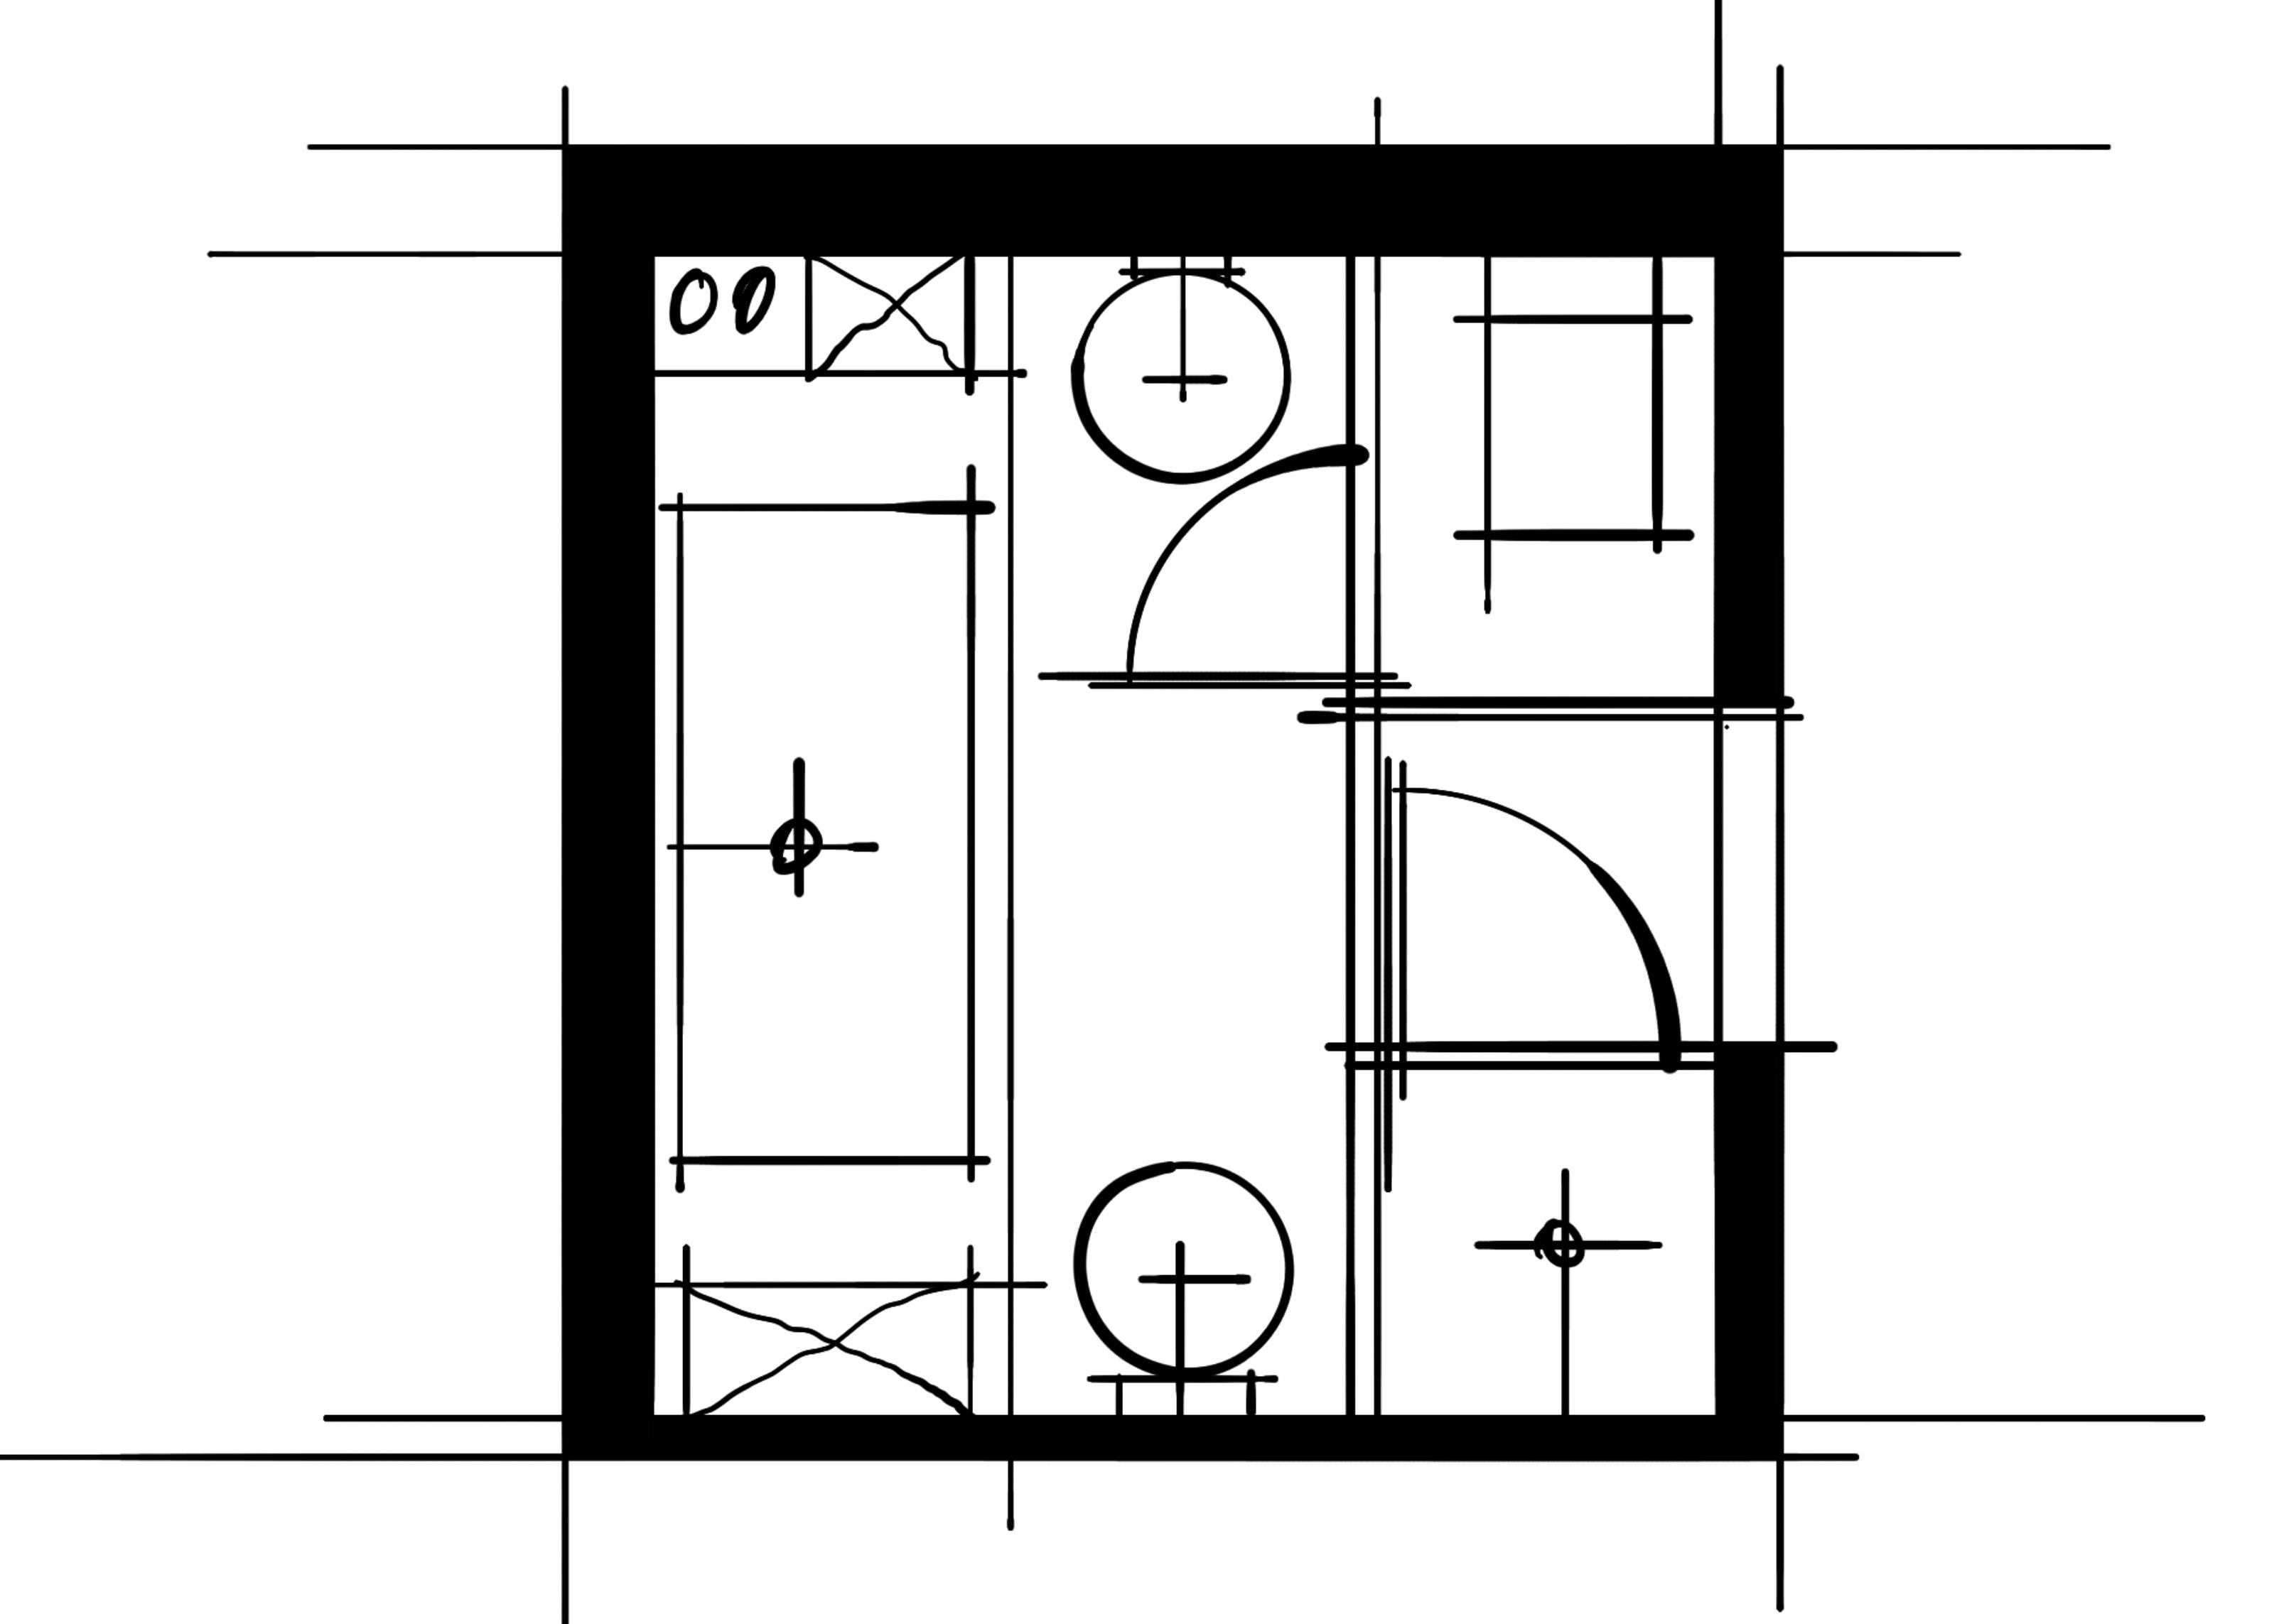 室内设计八大空间的十种做法-主卫(对称空间组合)